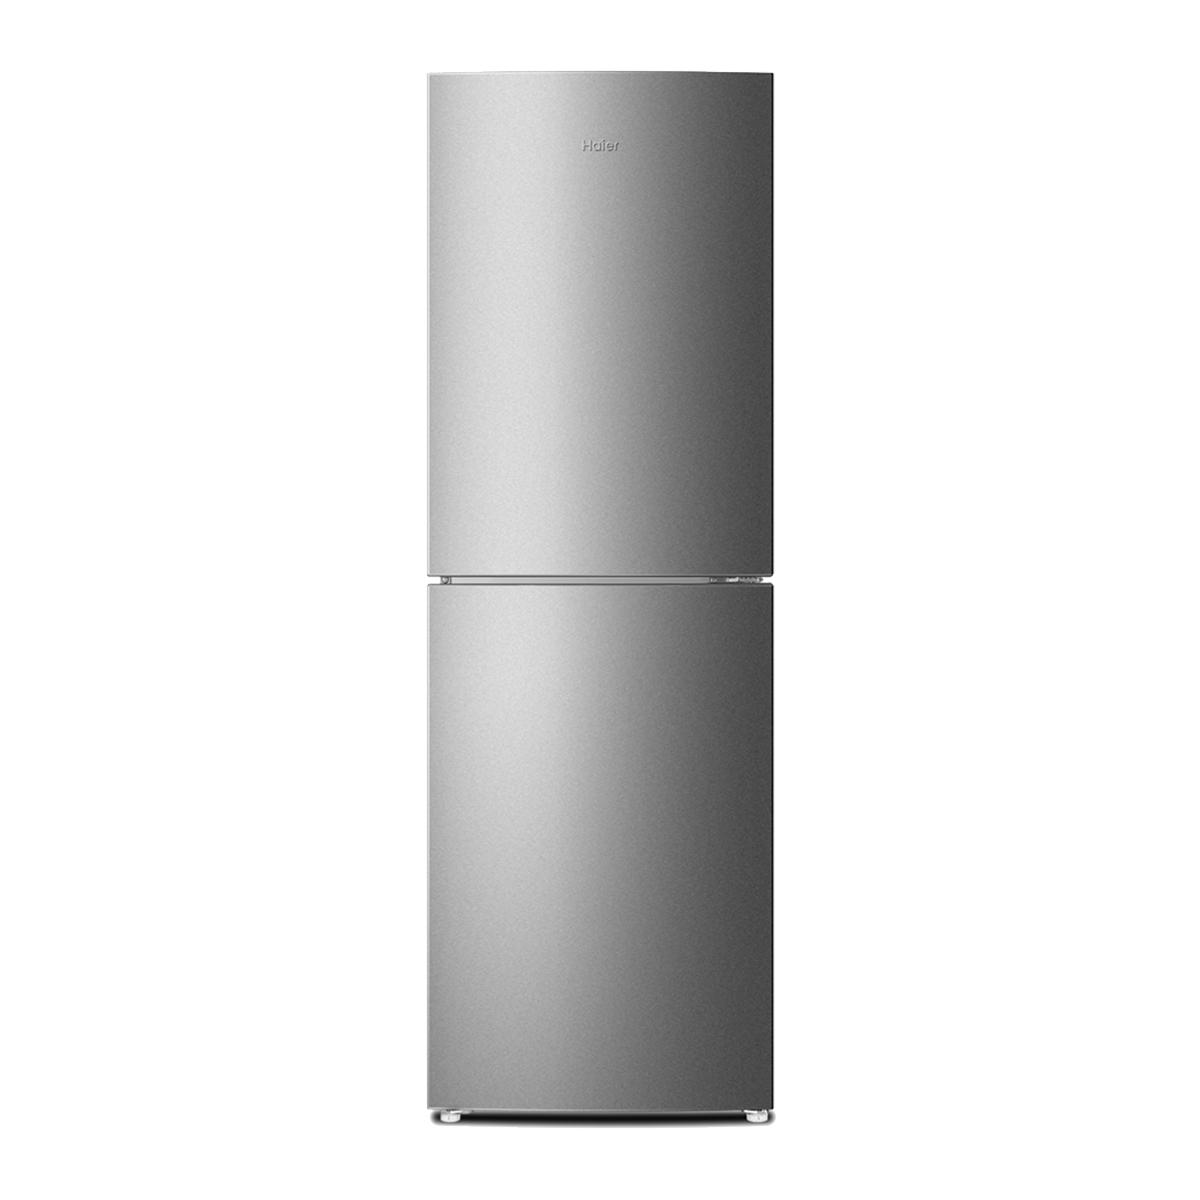 海尔Haier冰箱 BCD-245TMBC 说明书